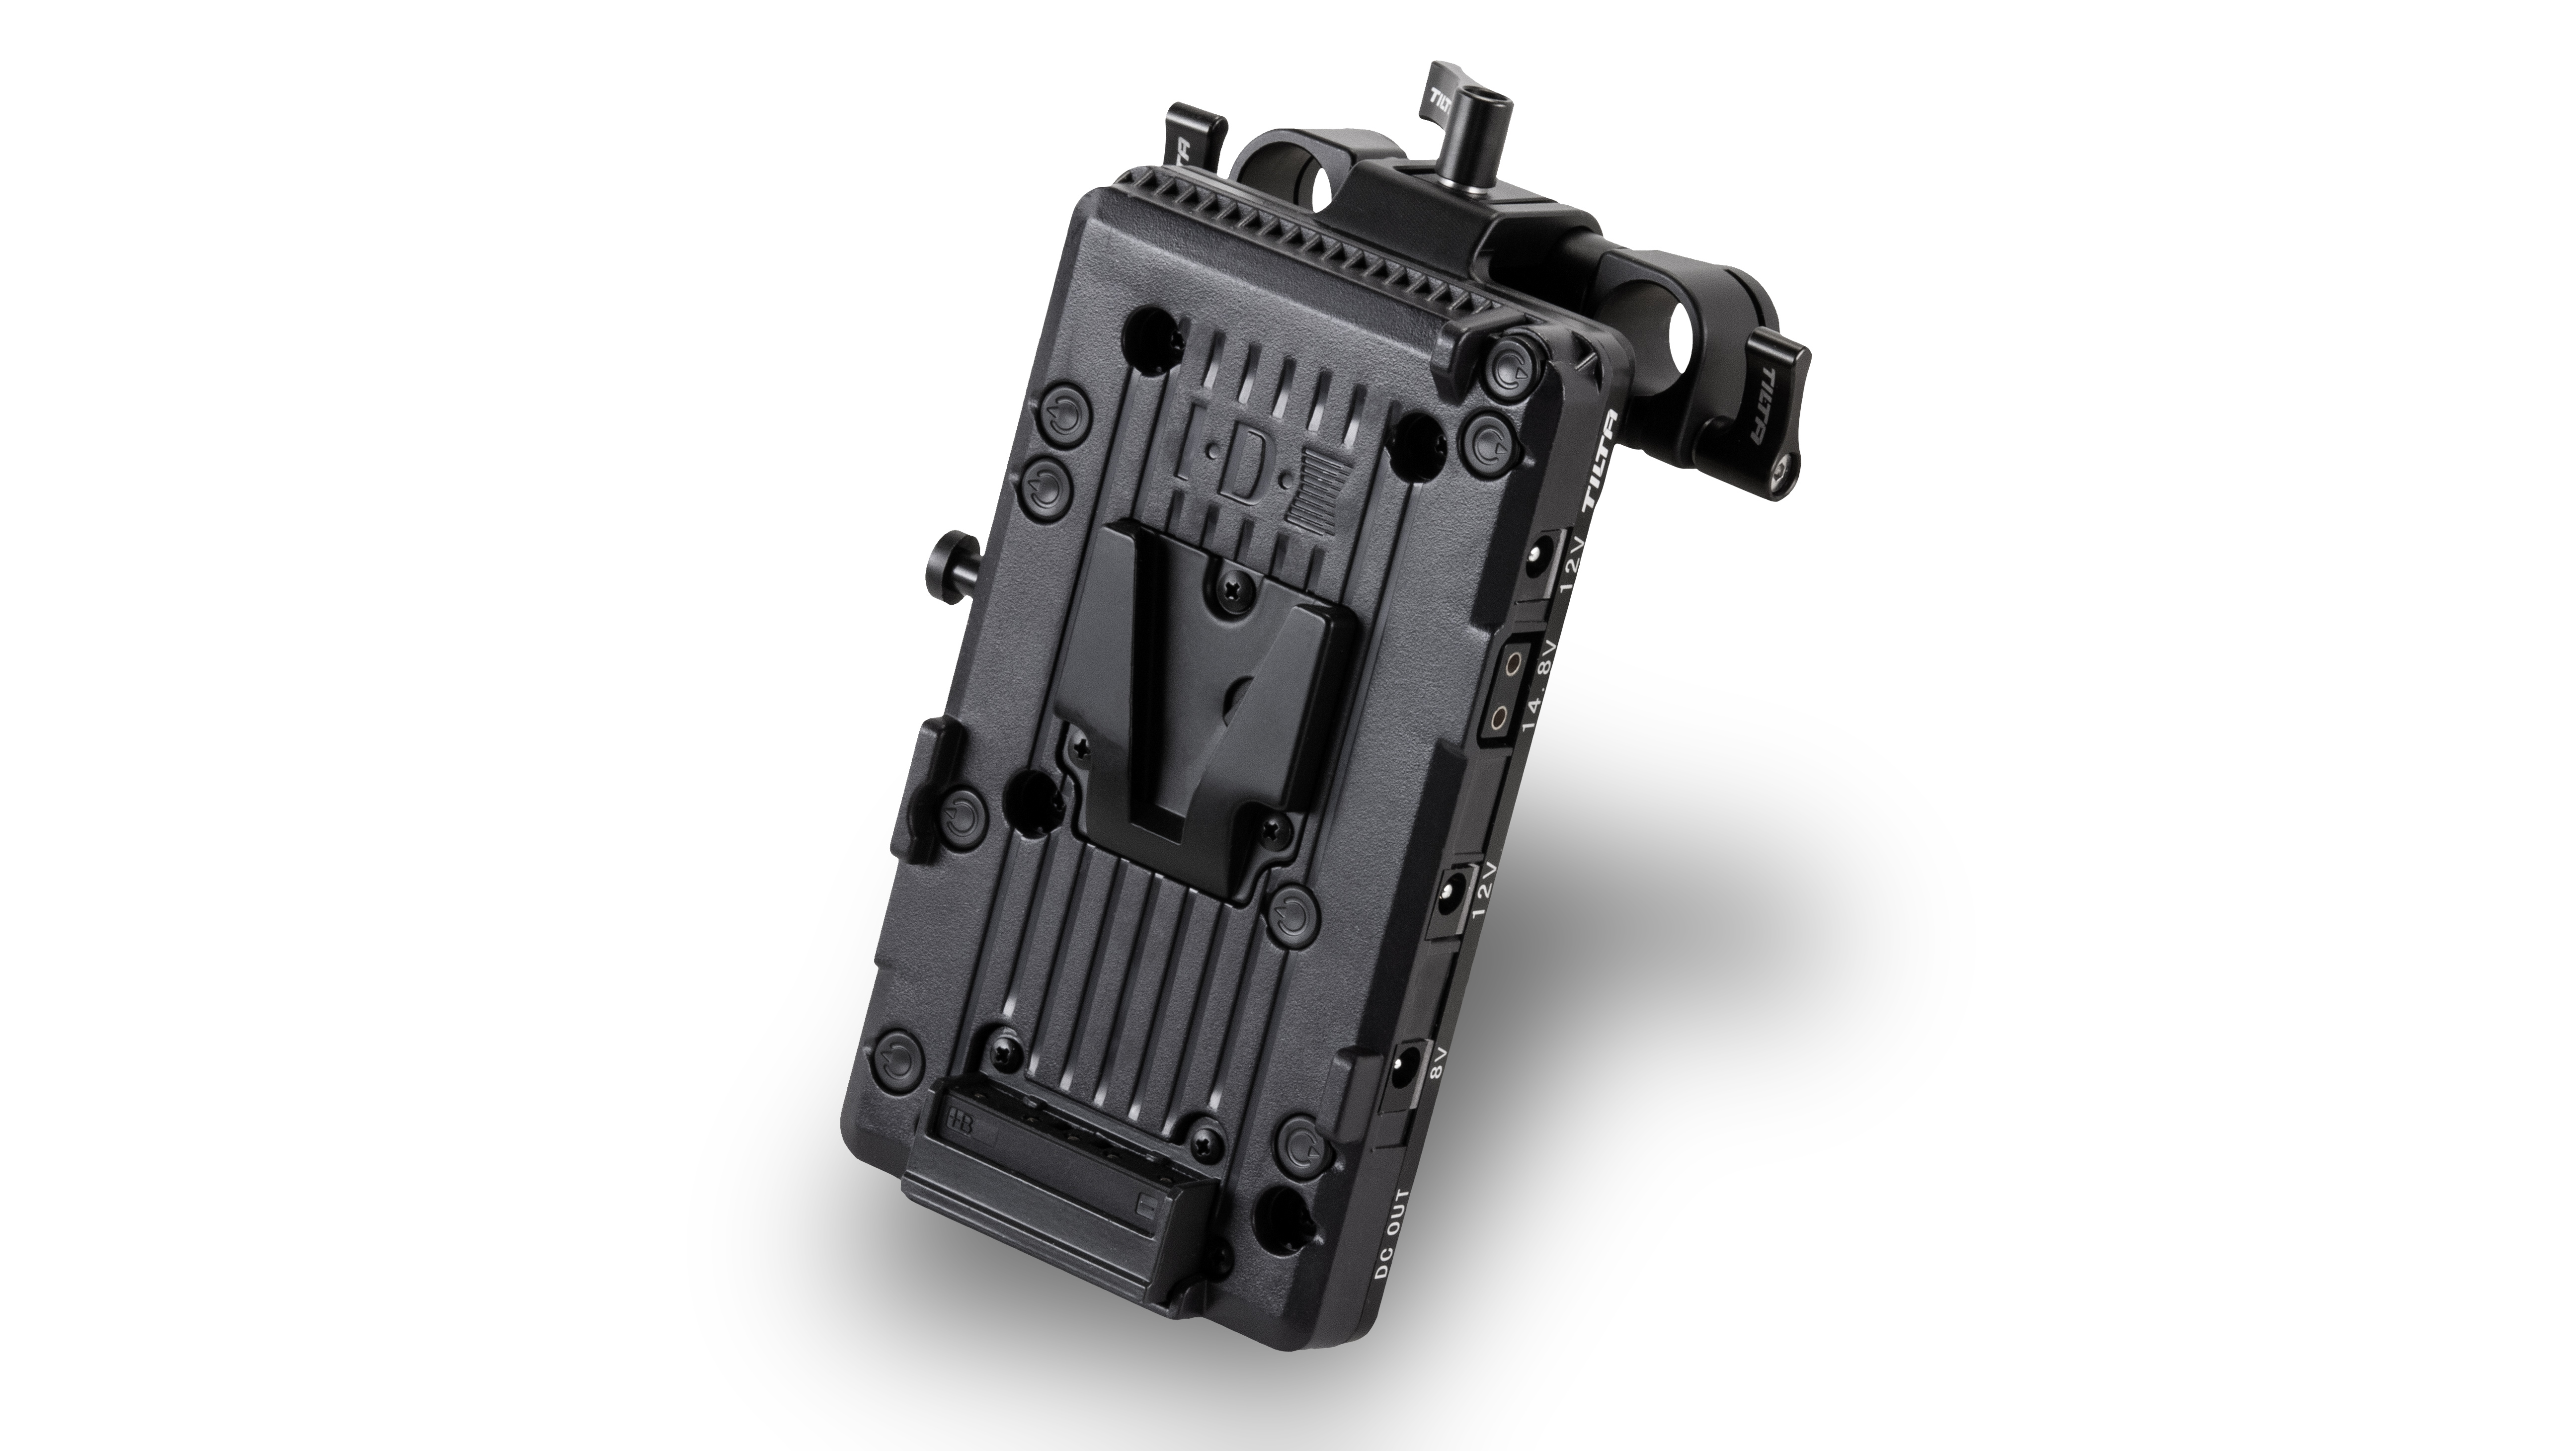 Battery Plate for Panasonic EVA1 - V Mount